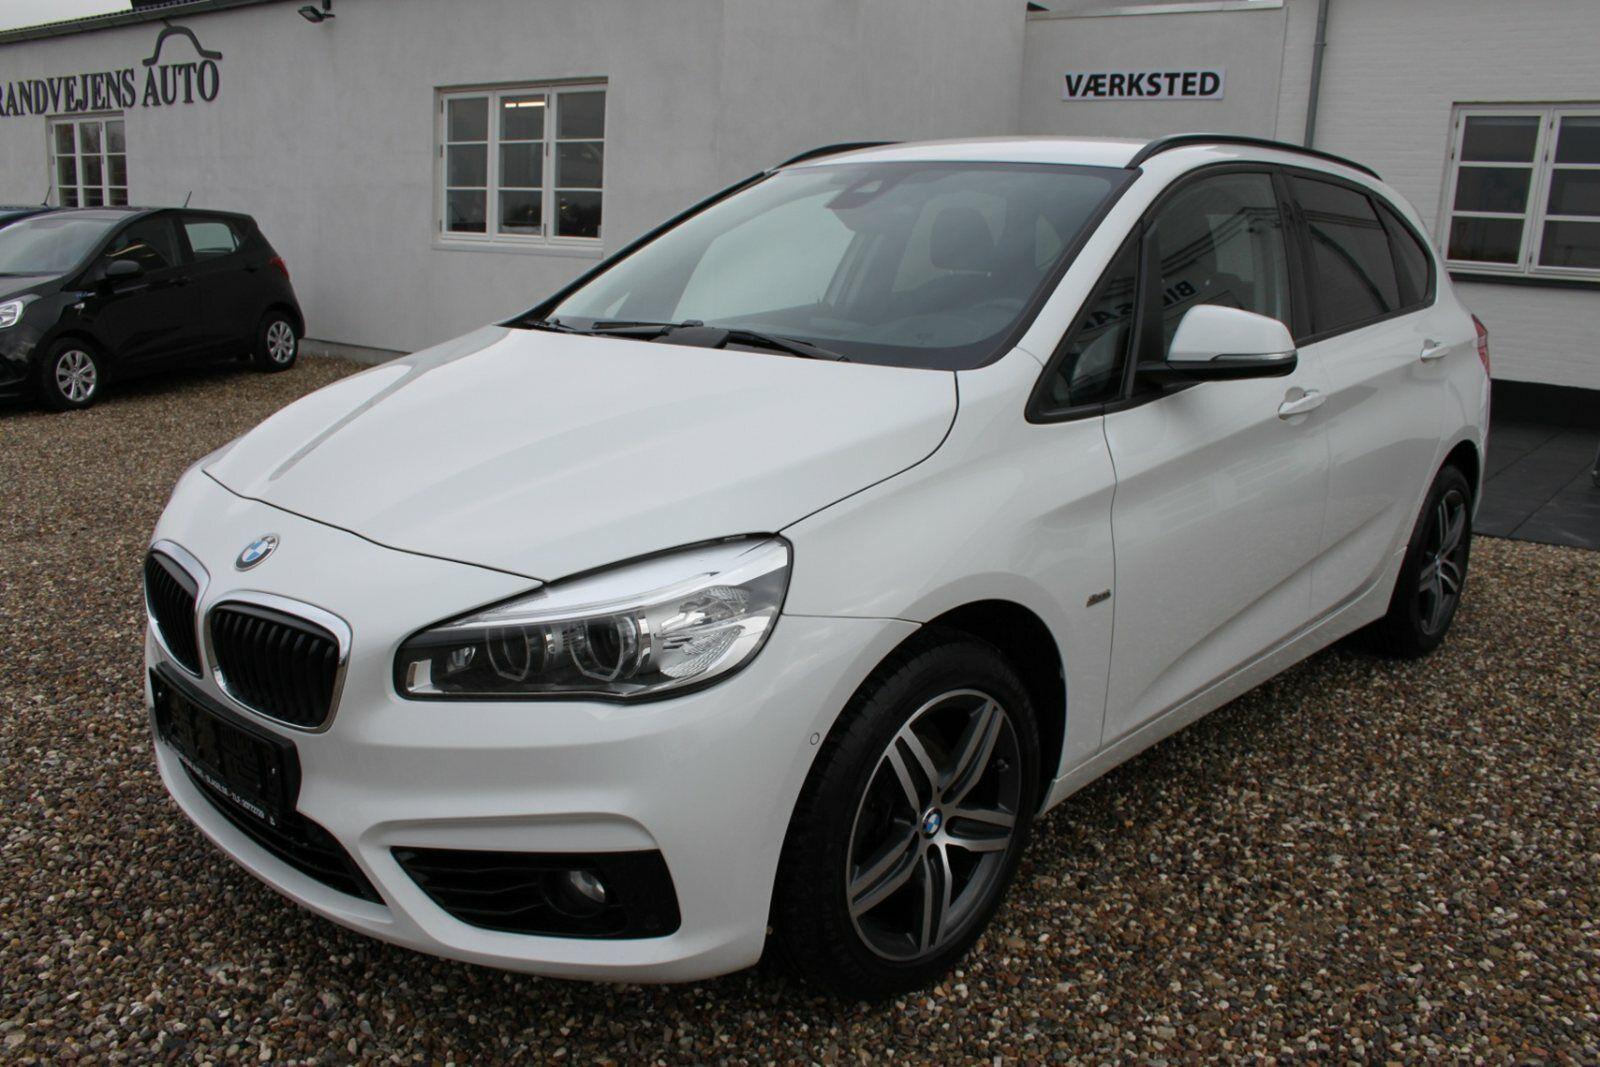 BMW 218d 2,0 Active Tourer Advantage aut. 5d - 249.900 kr.